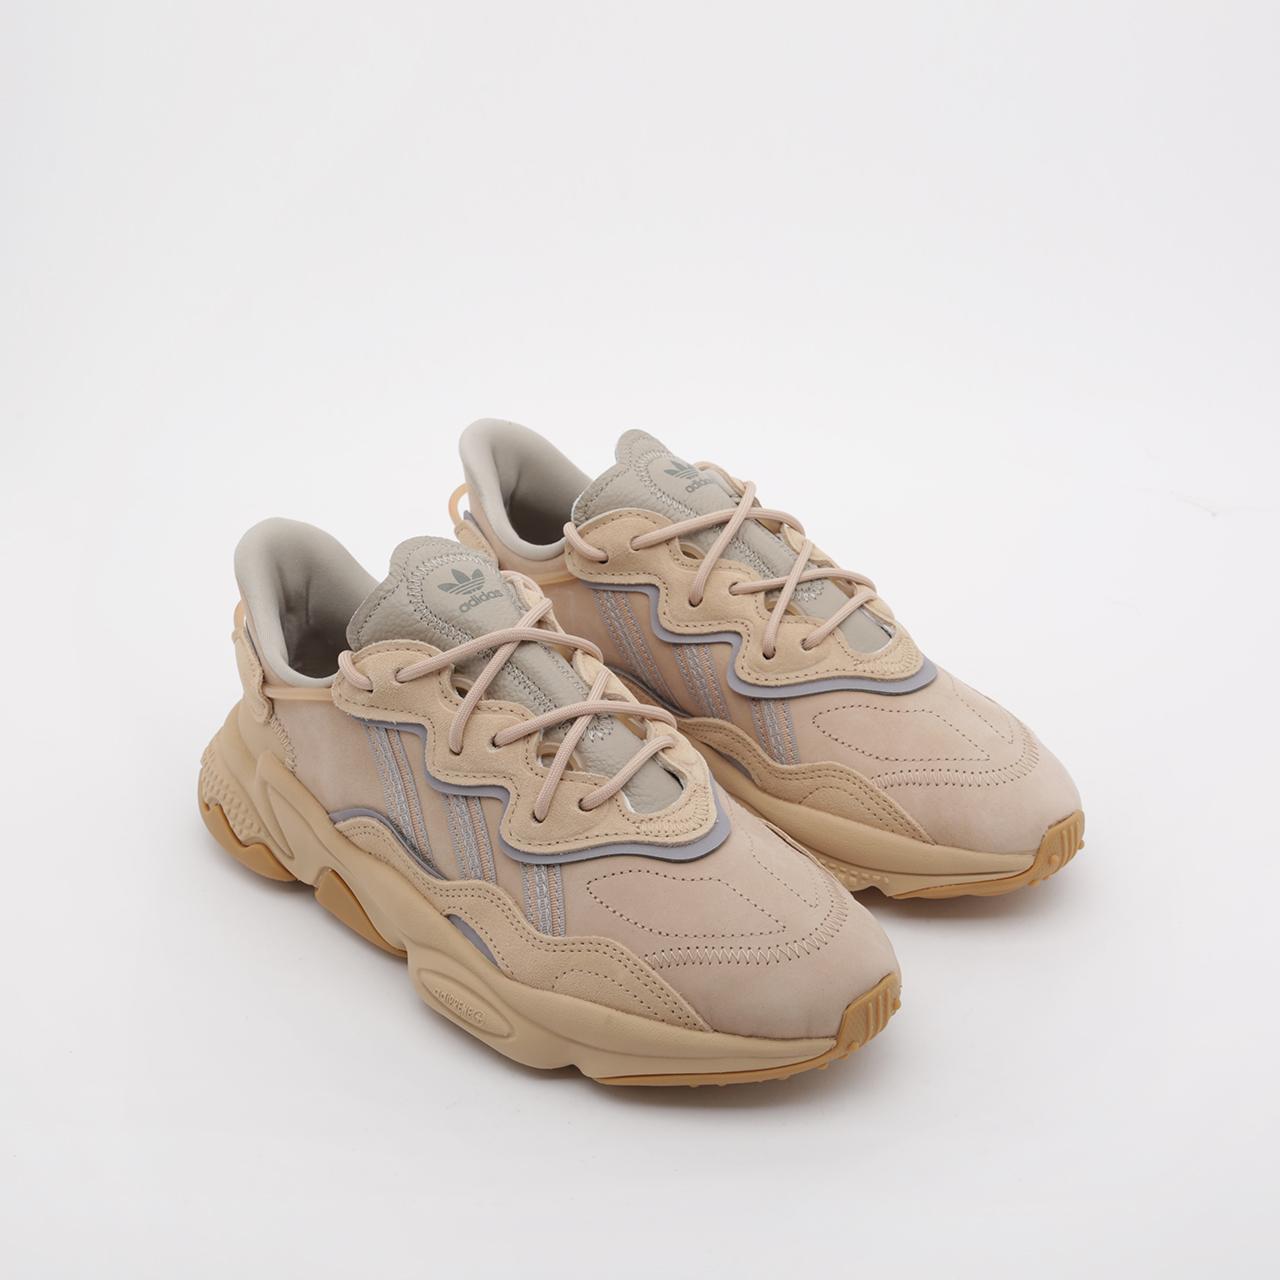 Кроссовки adidas, Ozweego, Бежевый